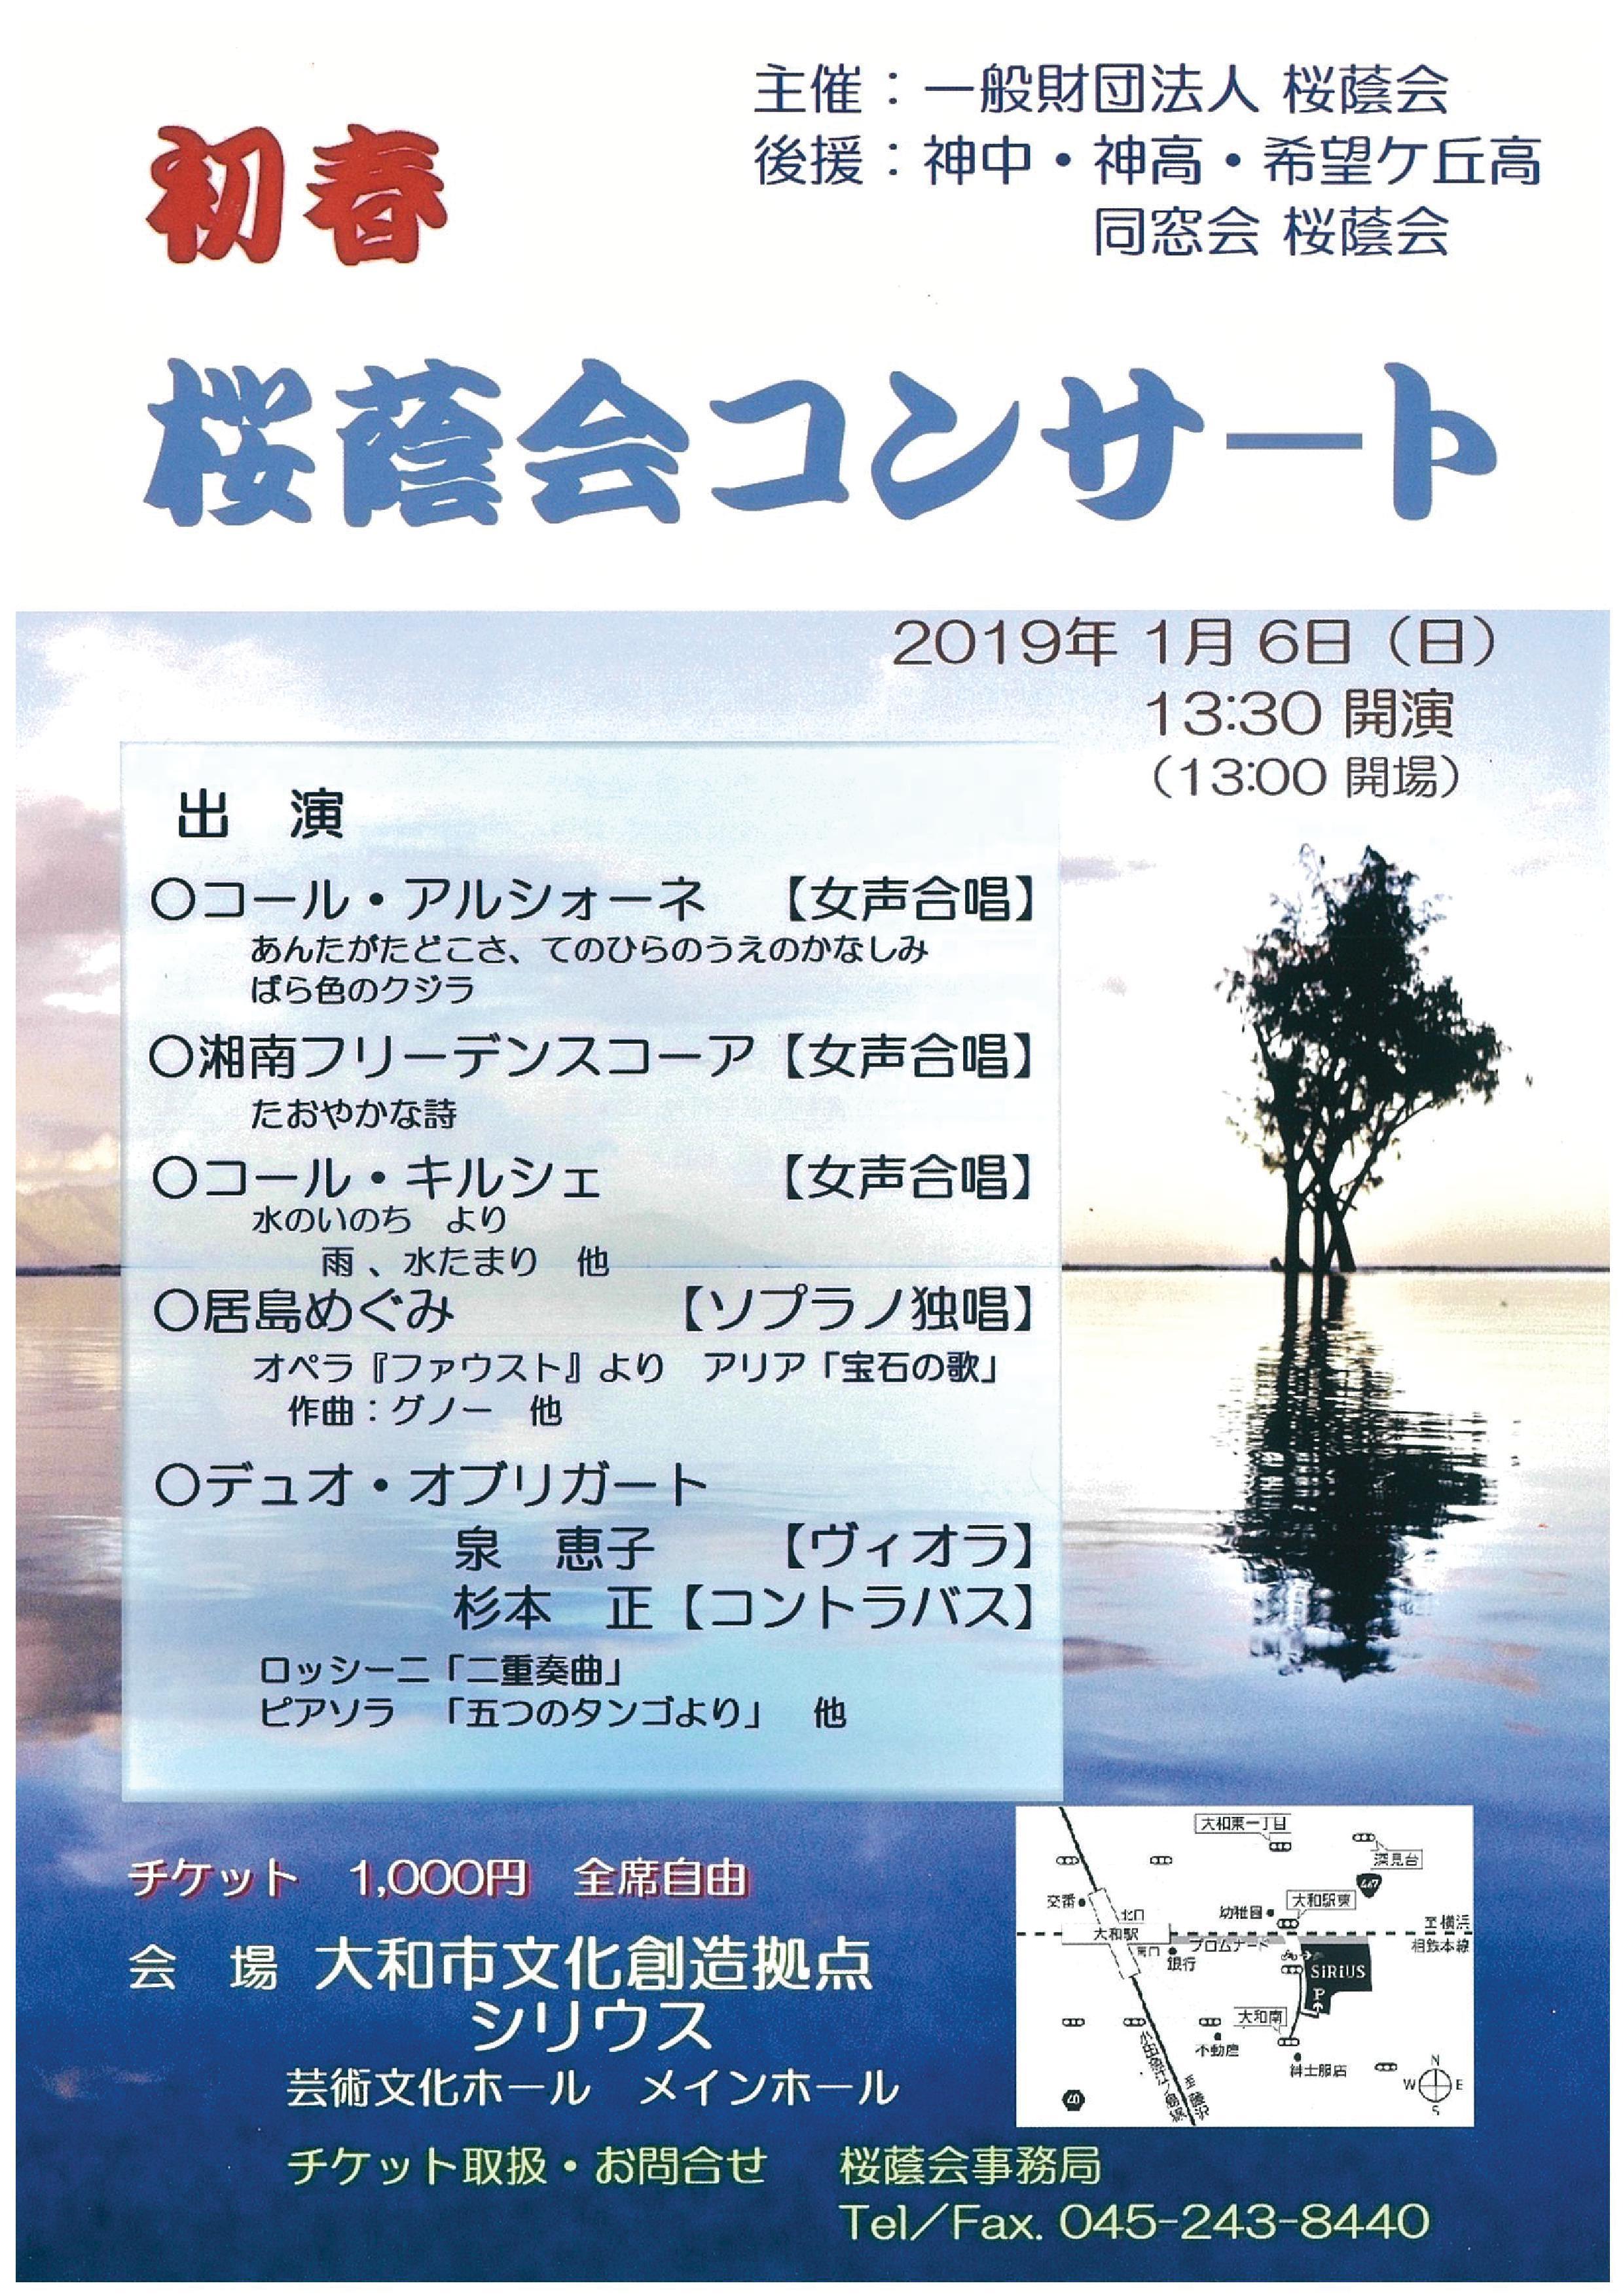 初春 桜蔭会コンサート